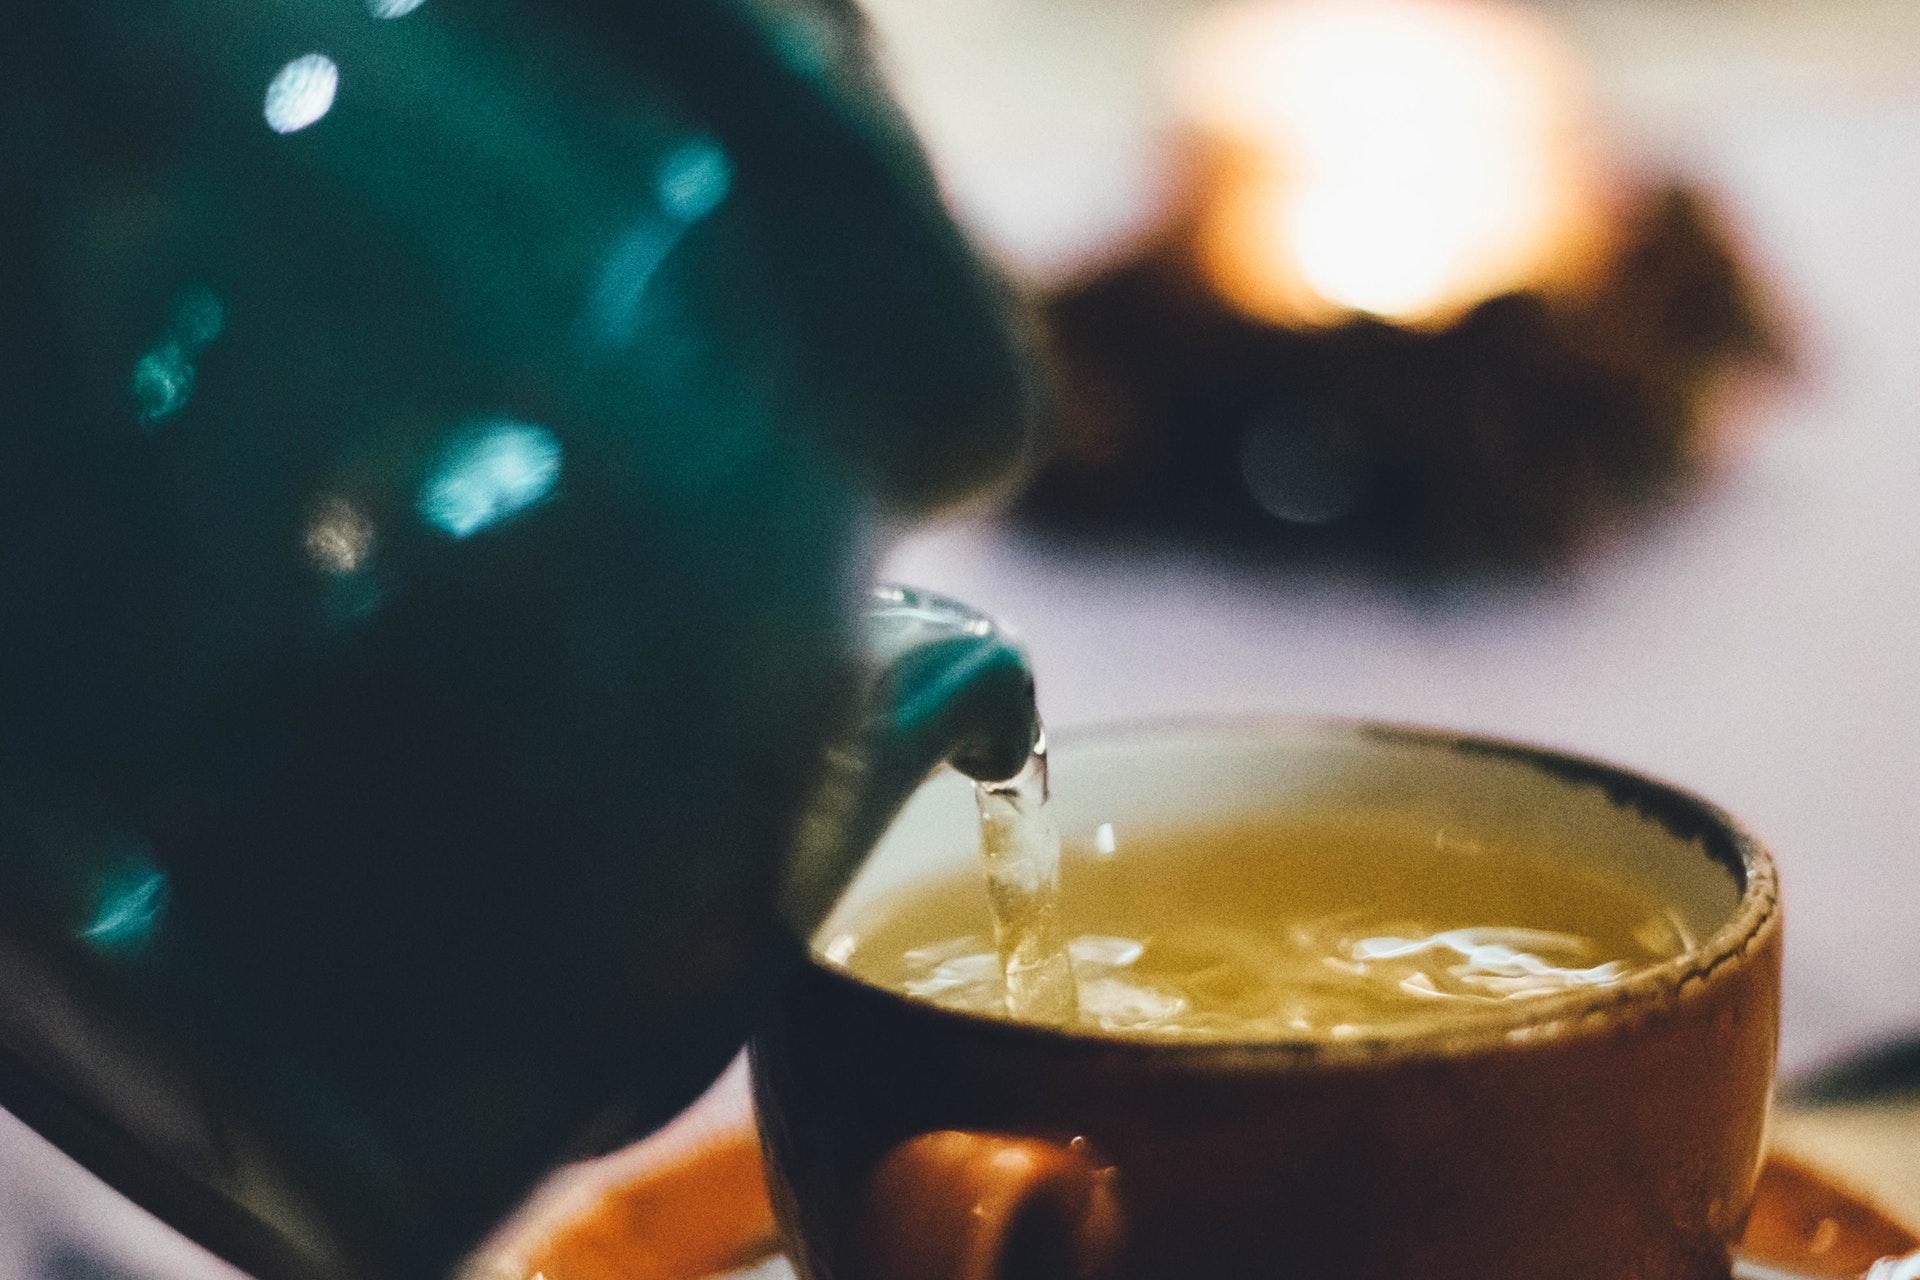 Hrnek, do kterého se lije čaj